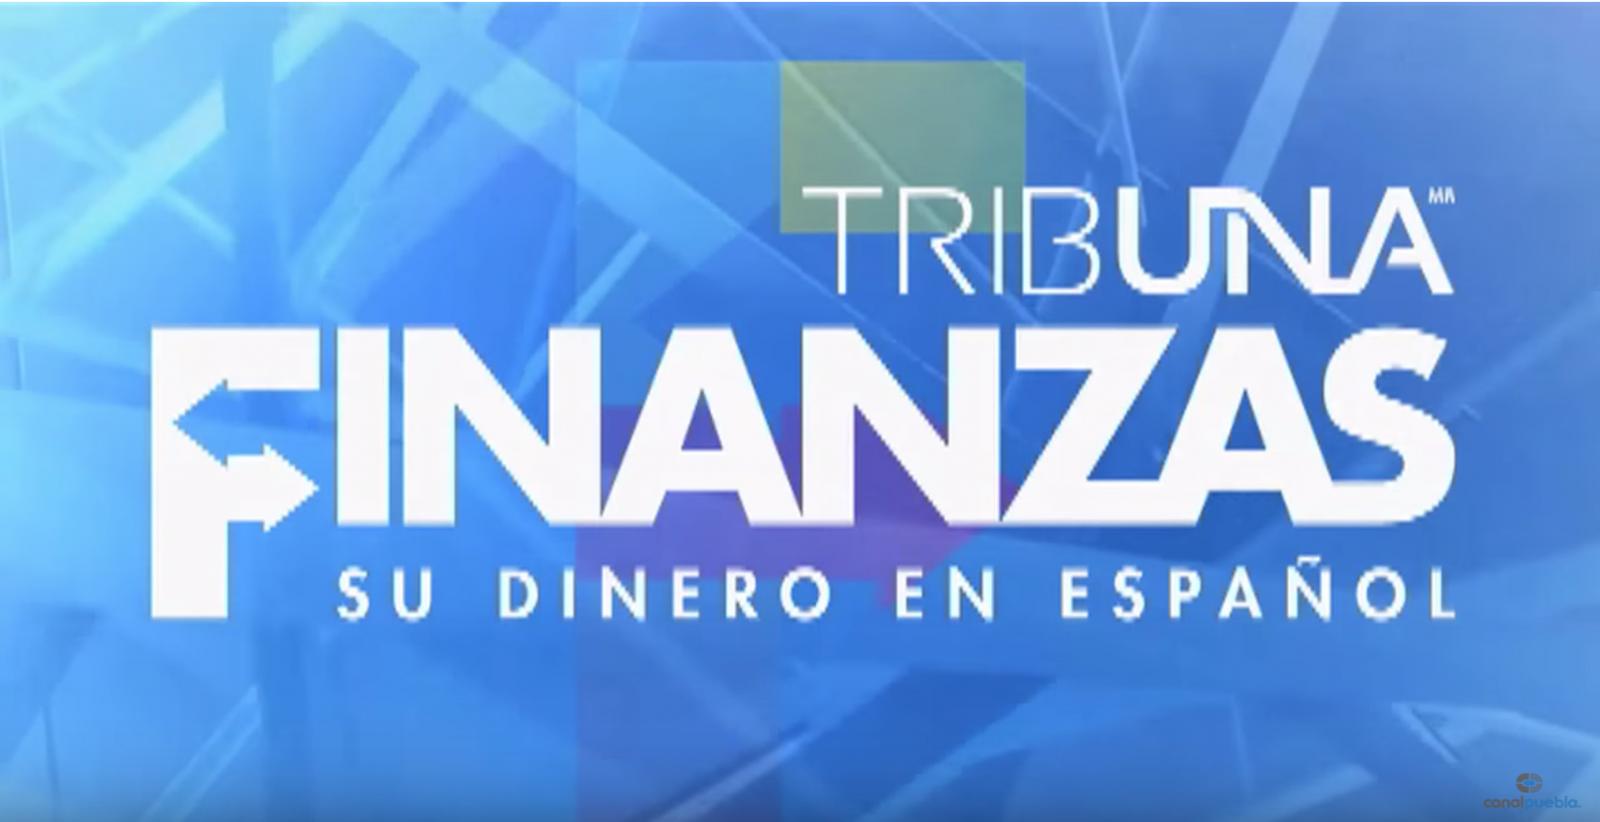 Tribuna finanzas - Canal Puebla